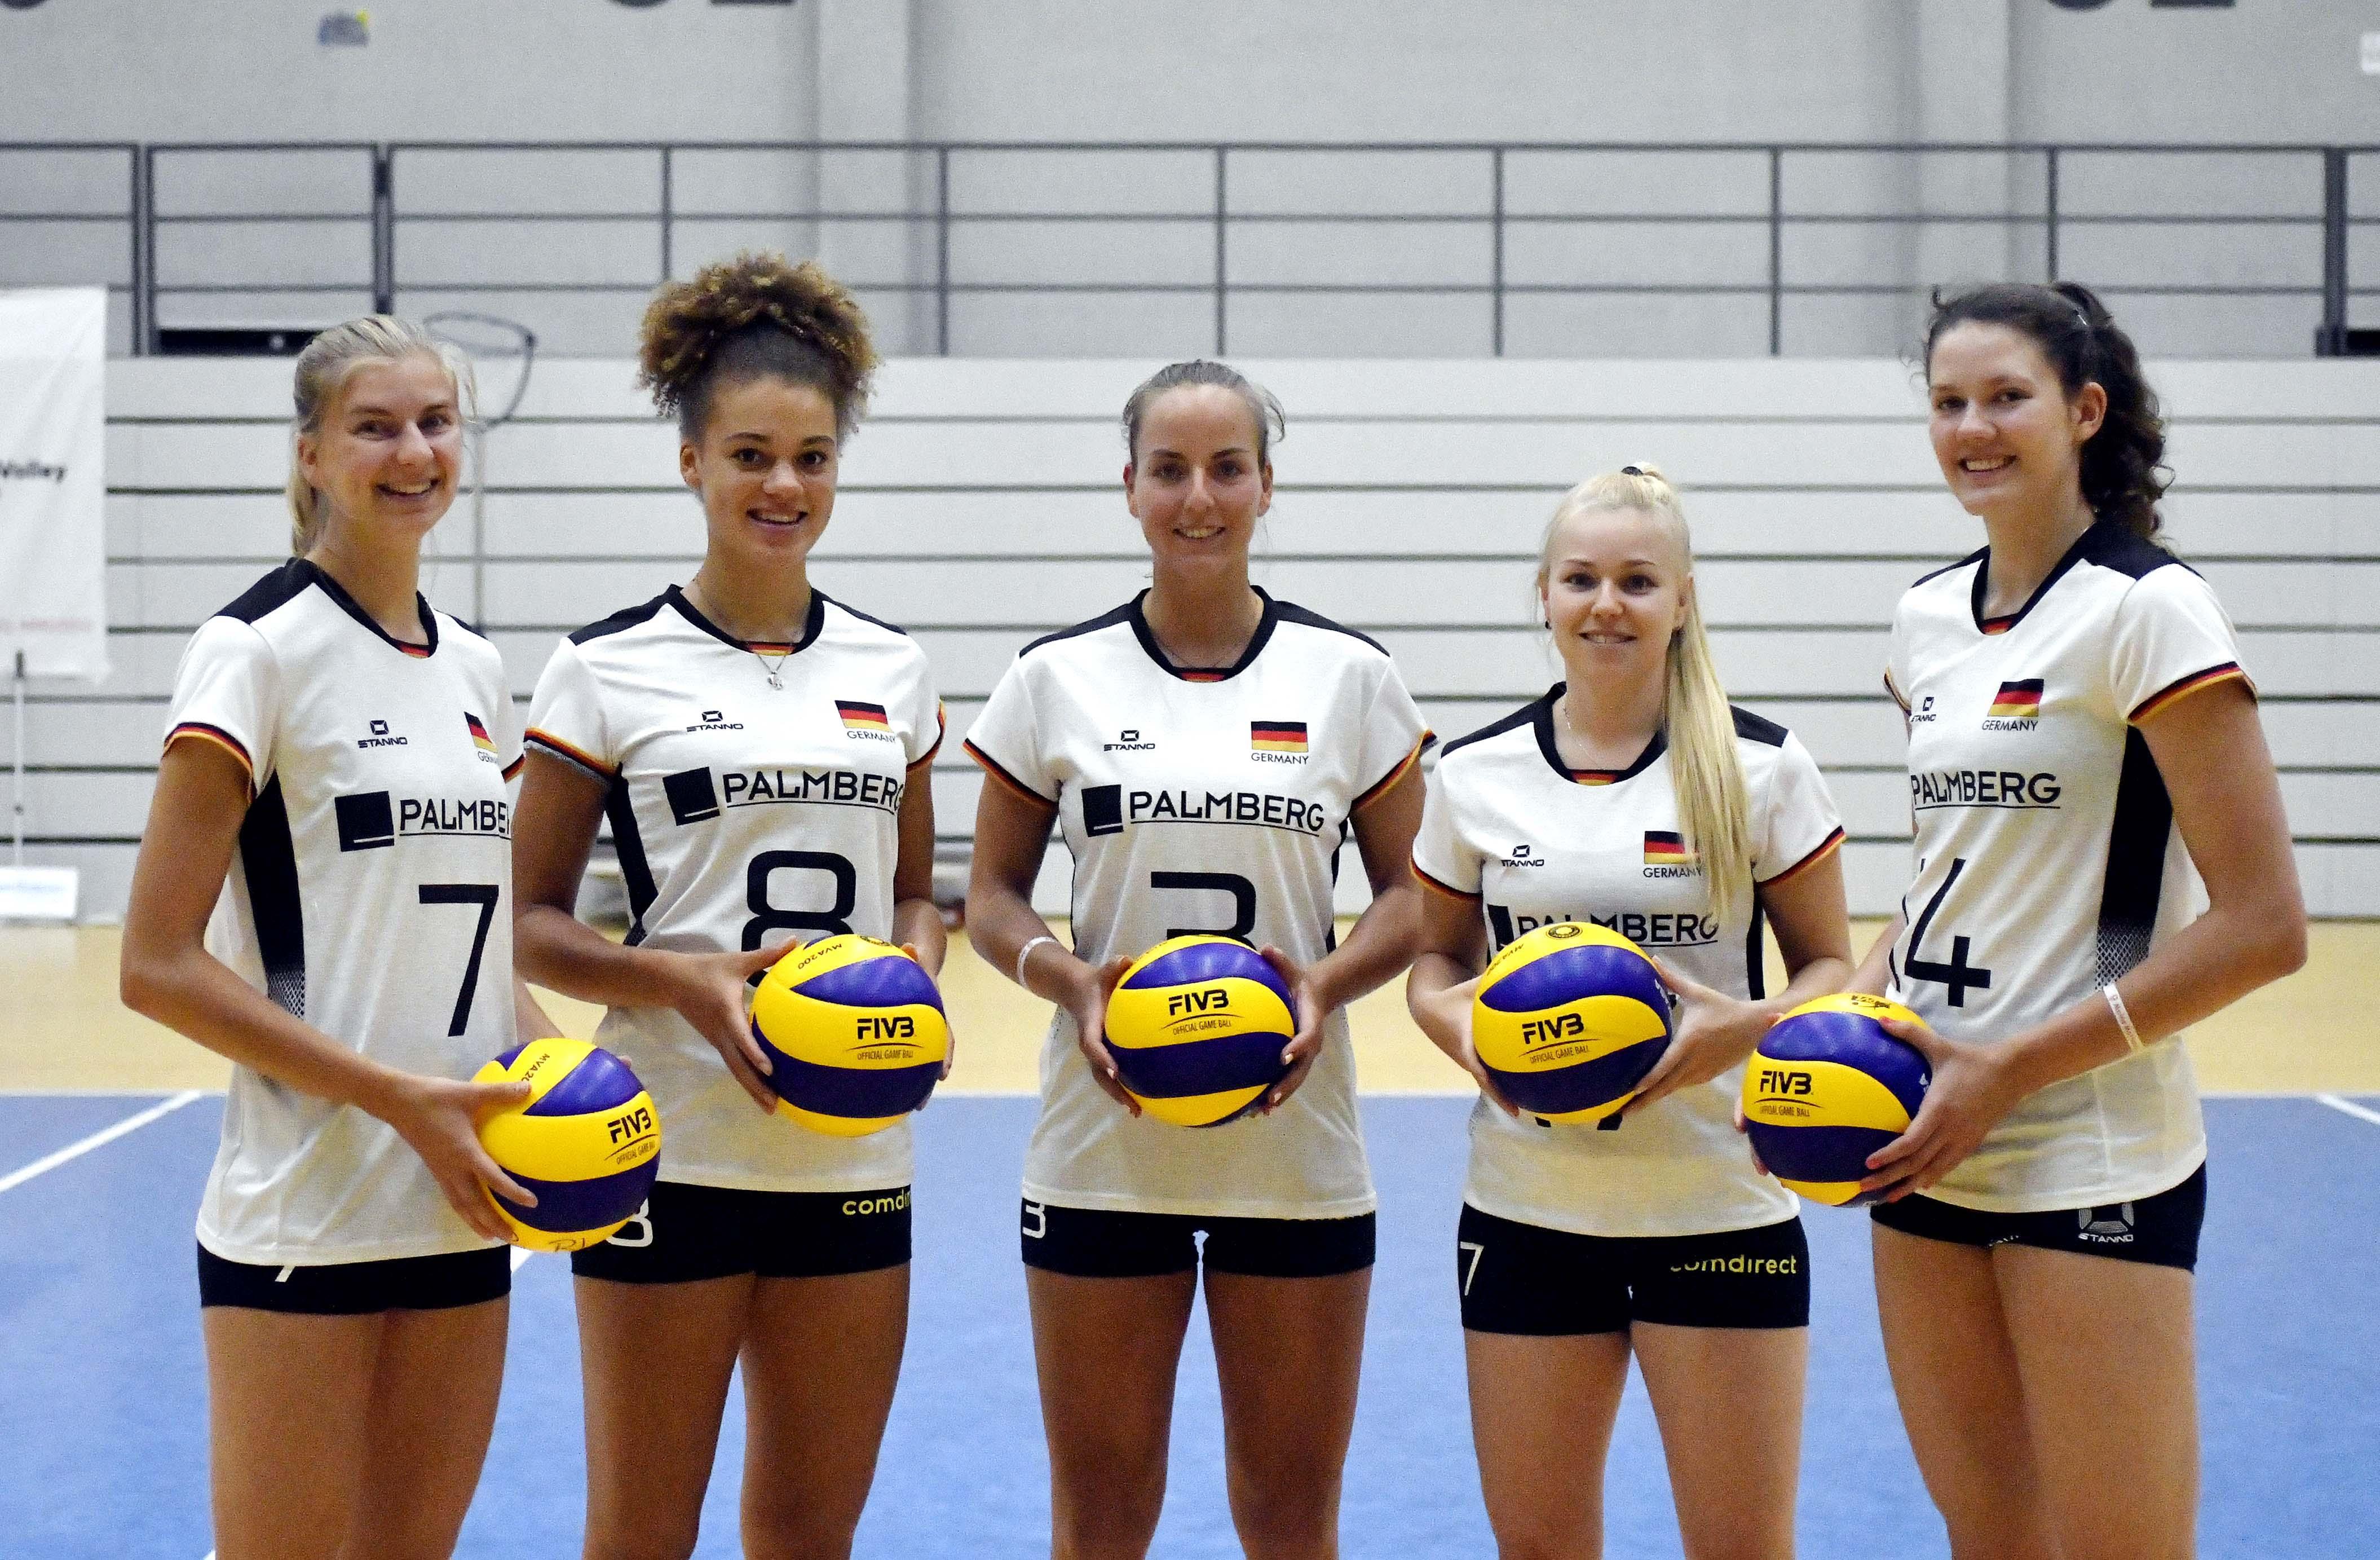 Volleyball-Nationalspielerinnen machen sich für EM fit